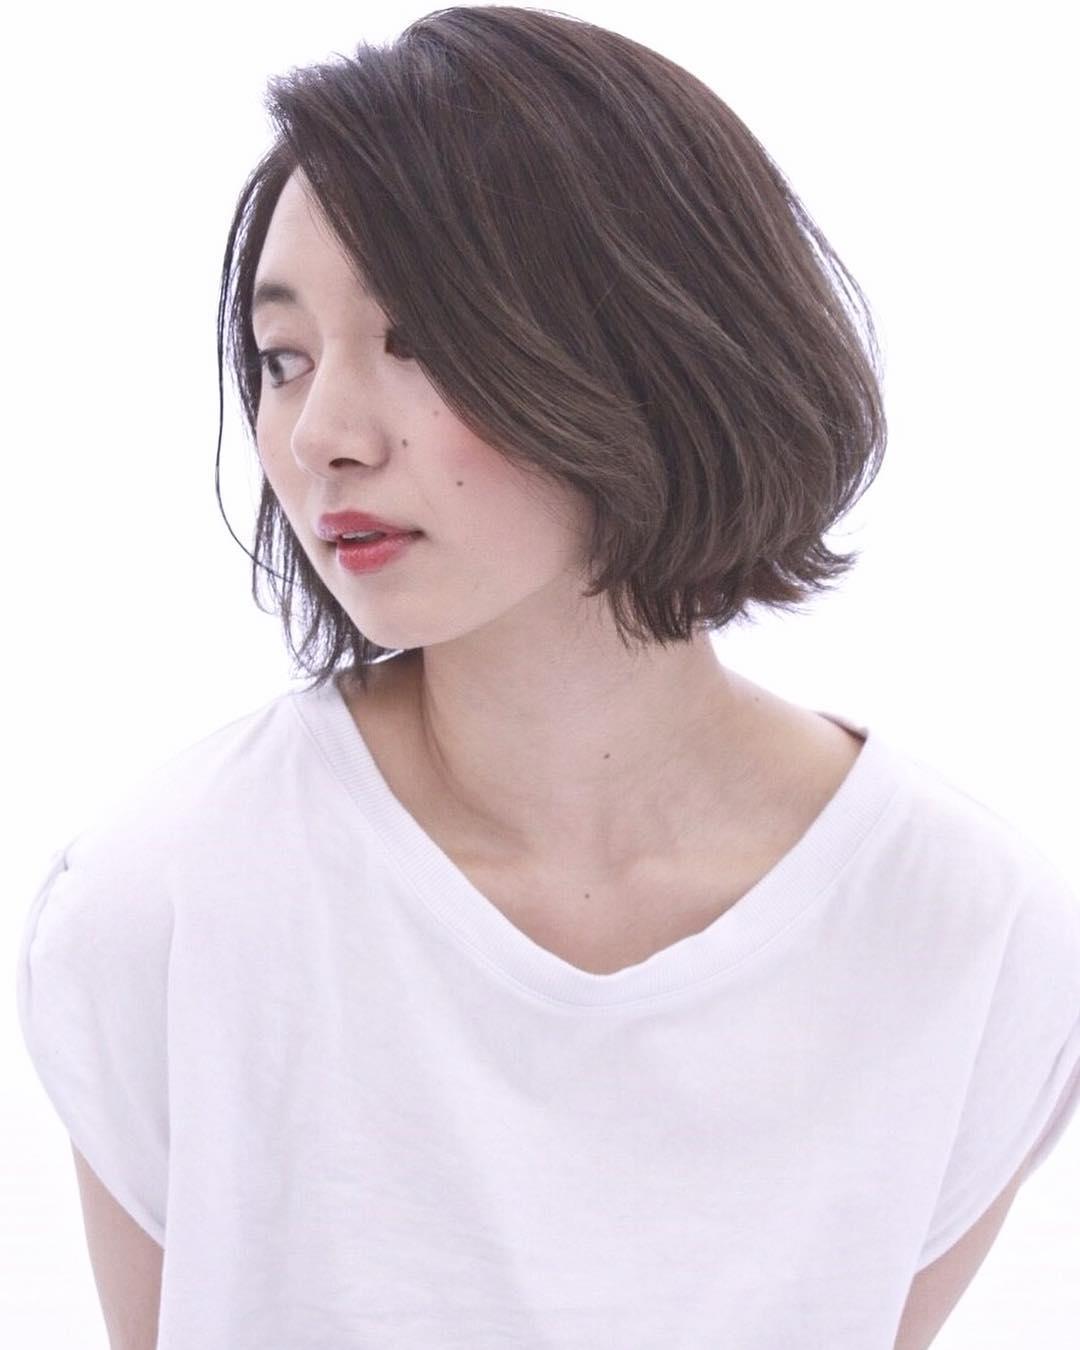 【保存版】トレンドの可愛いヘアスタイル・髪型47選大発表!57